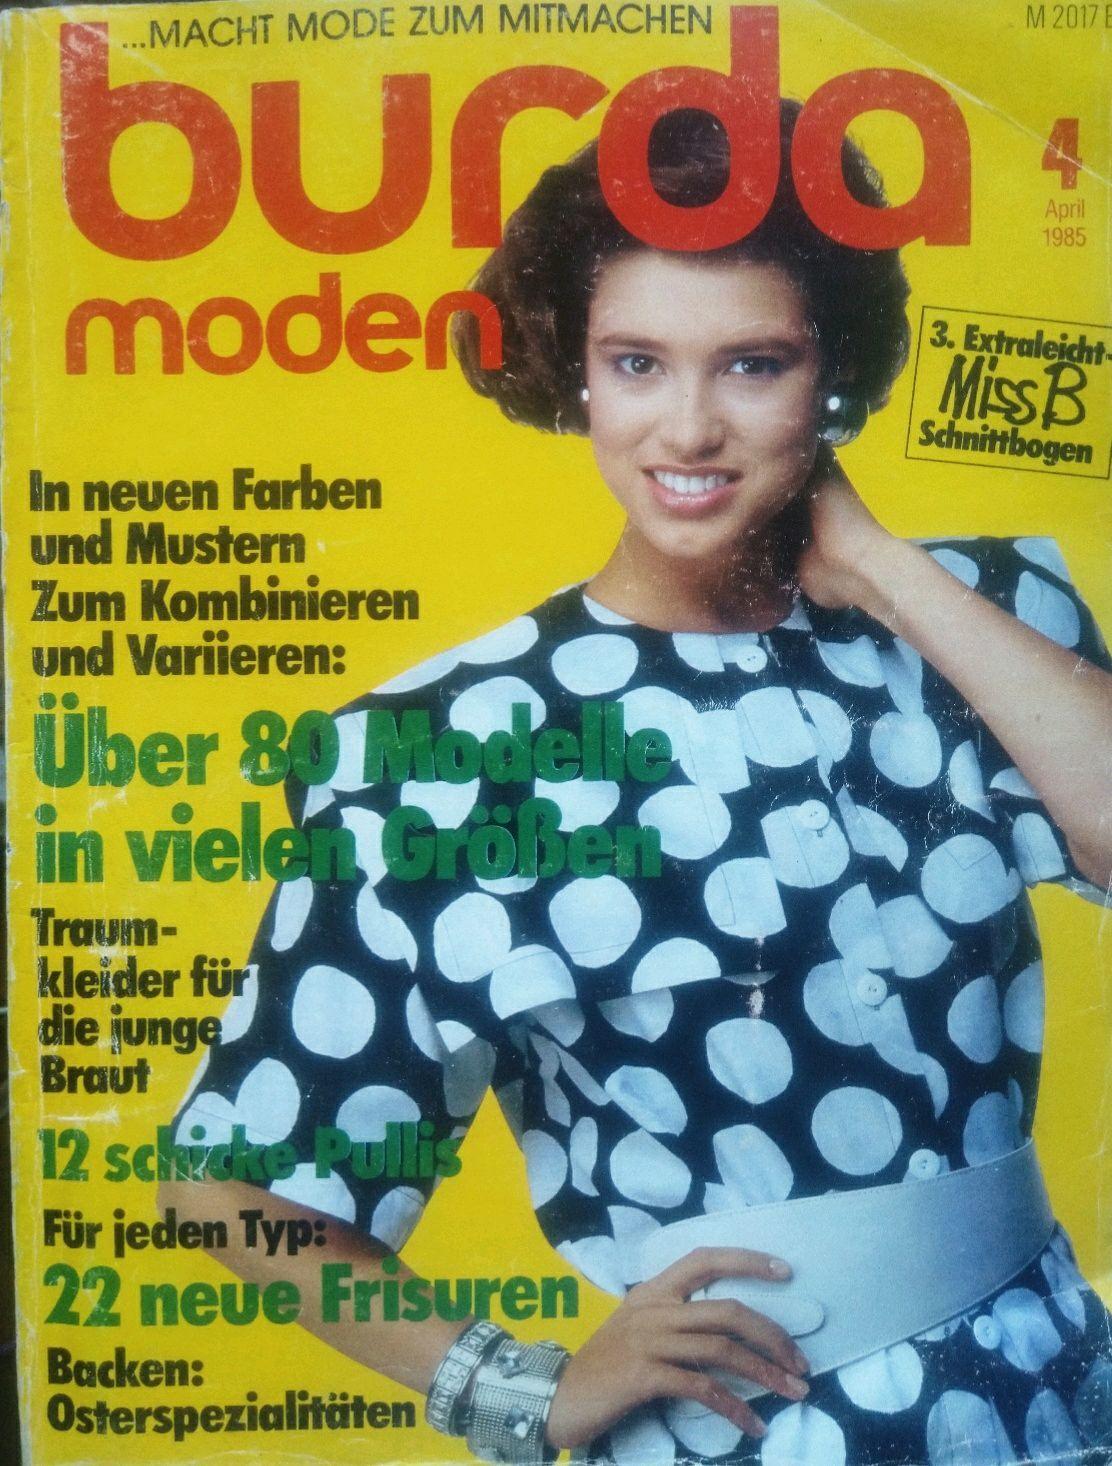 Журнал Burda Moden № 4/1985, Выкройки для шитья, Москва,  Фото №1